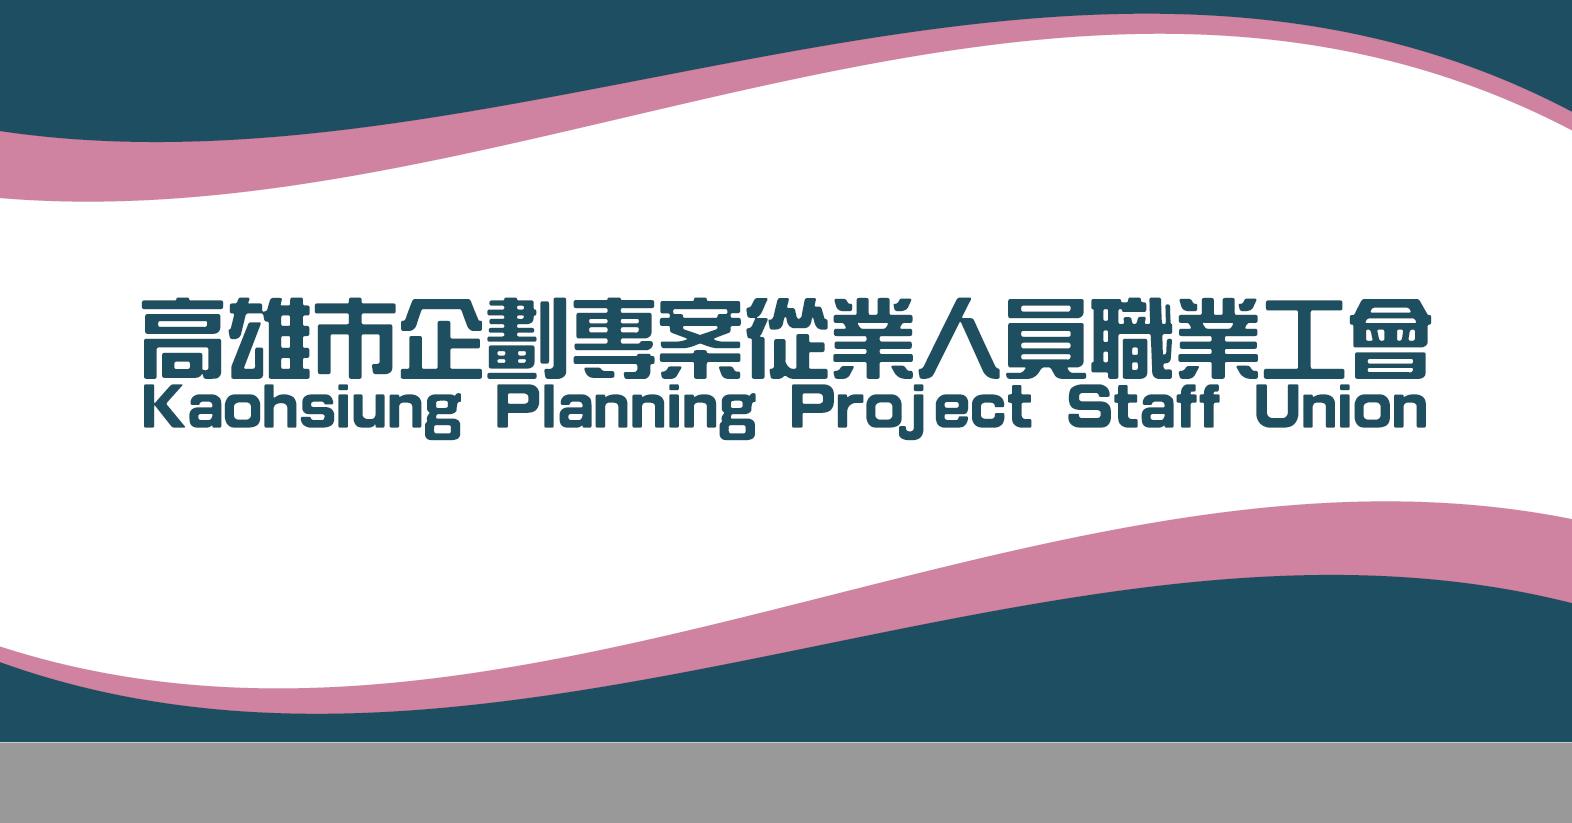 高雄市企劃專案從業人員職業工會